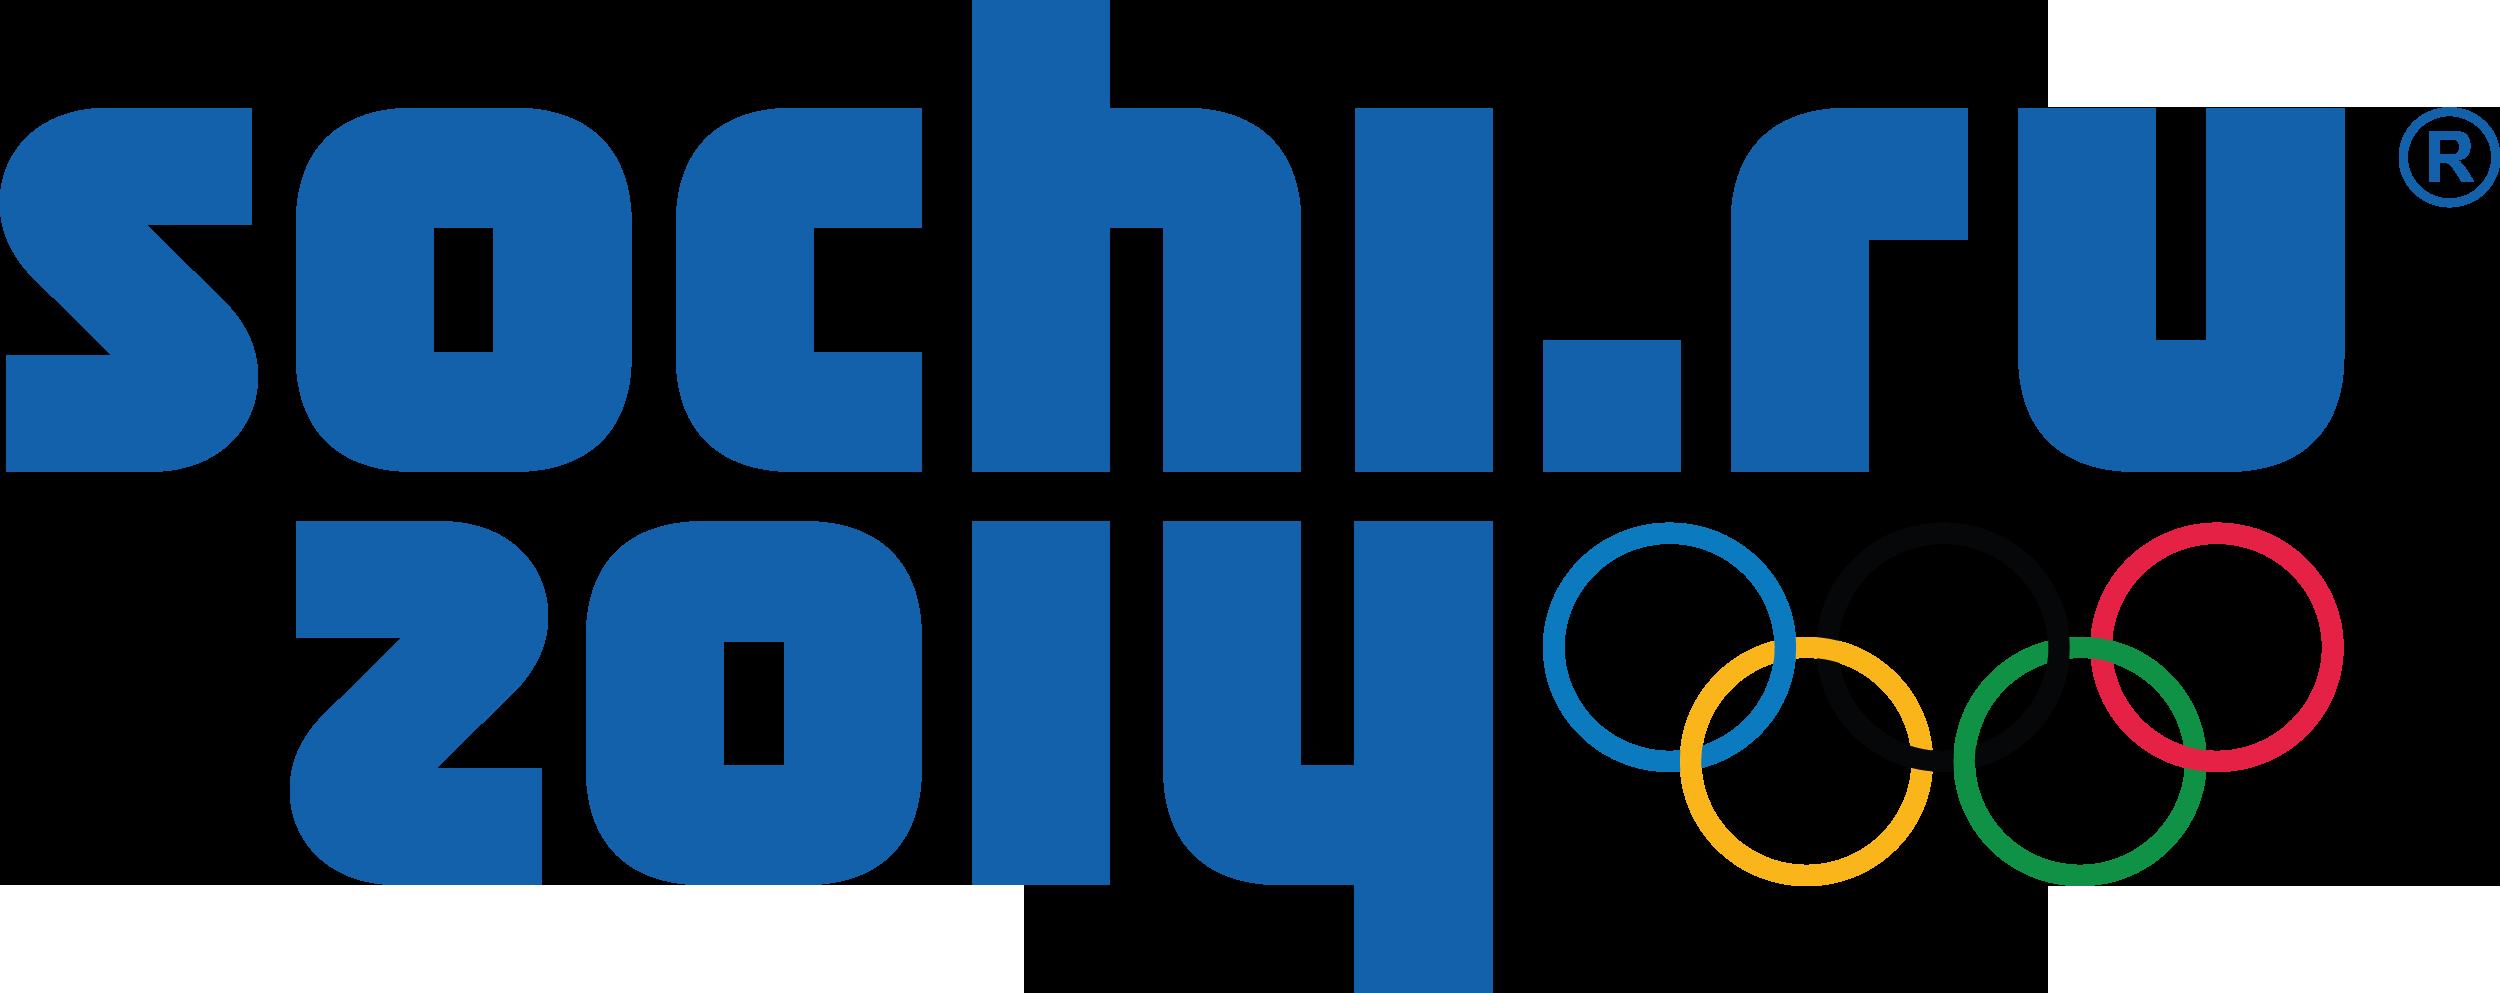 Официальная версия логотипа (эмблемы) олимпиады в Сочи-2014